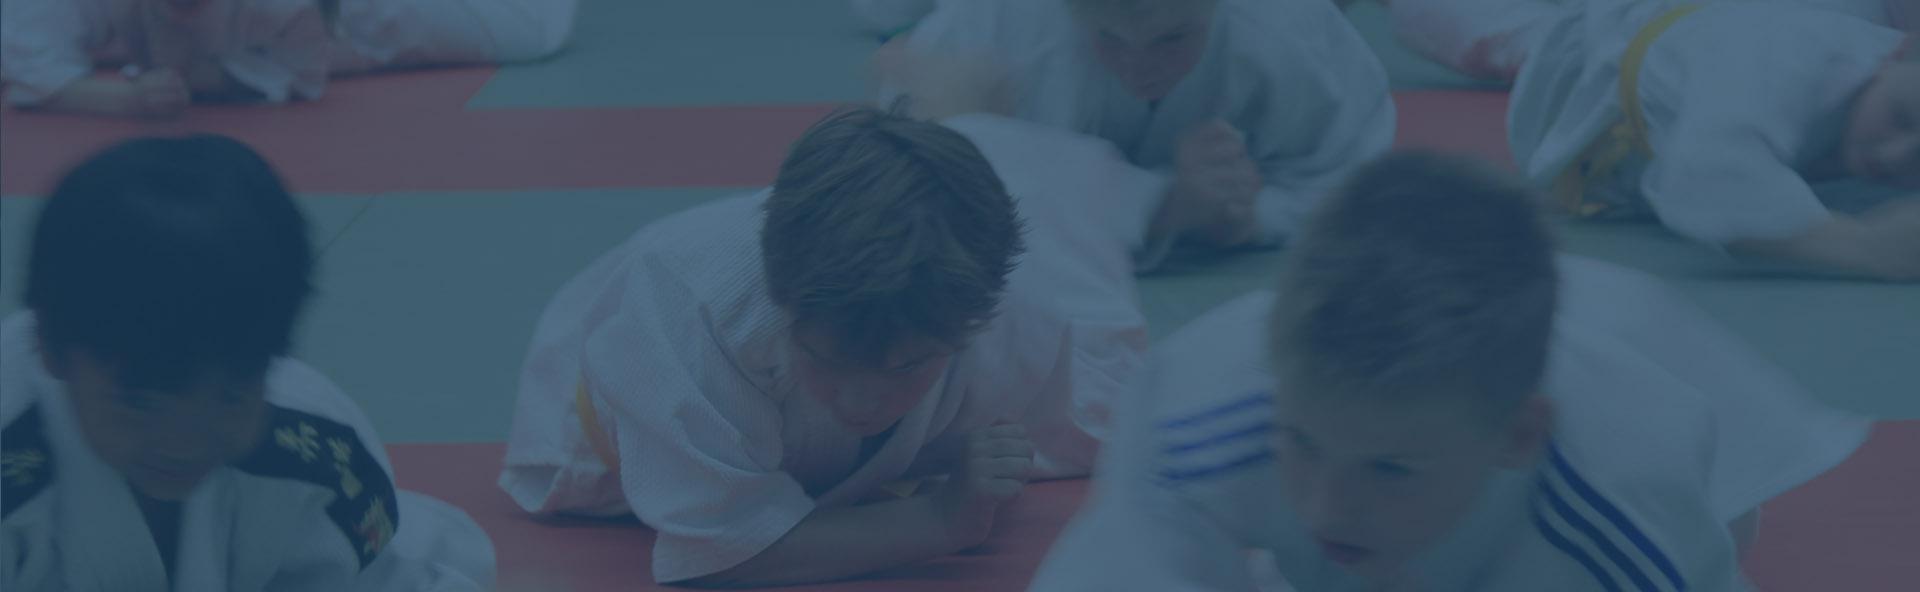 Welkom op de website van Judo Vereniging Ootmarsum